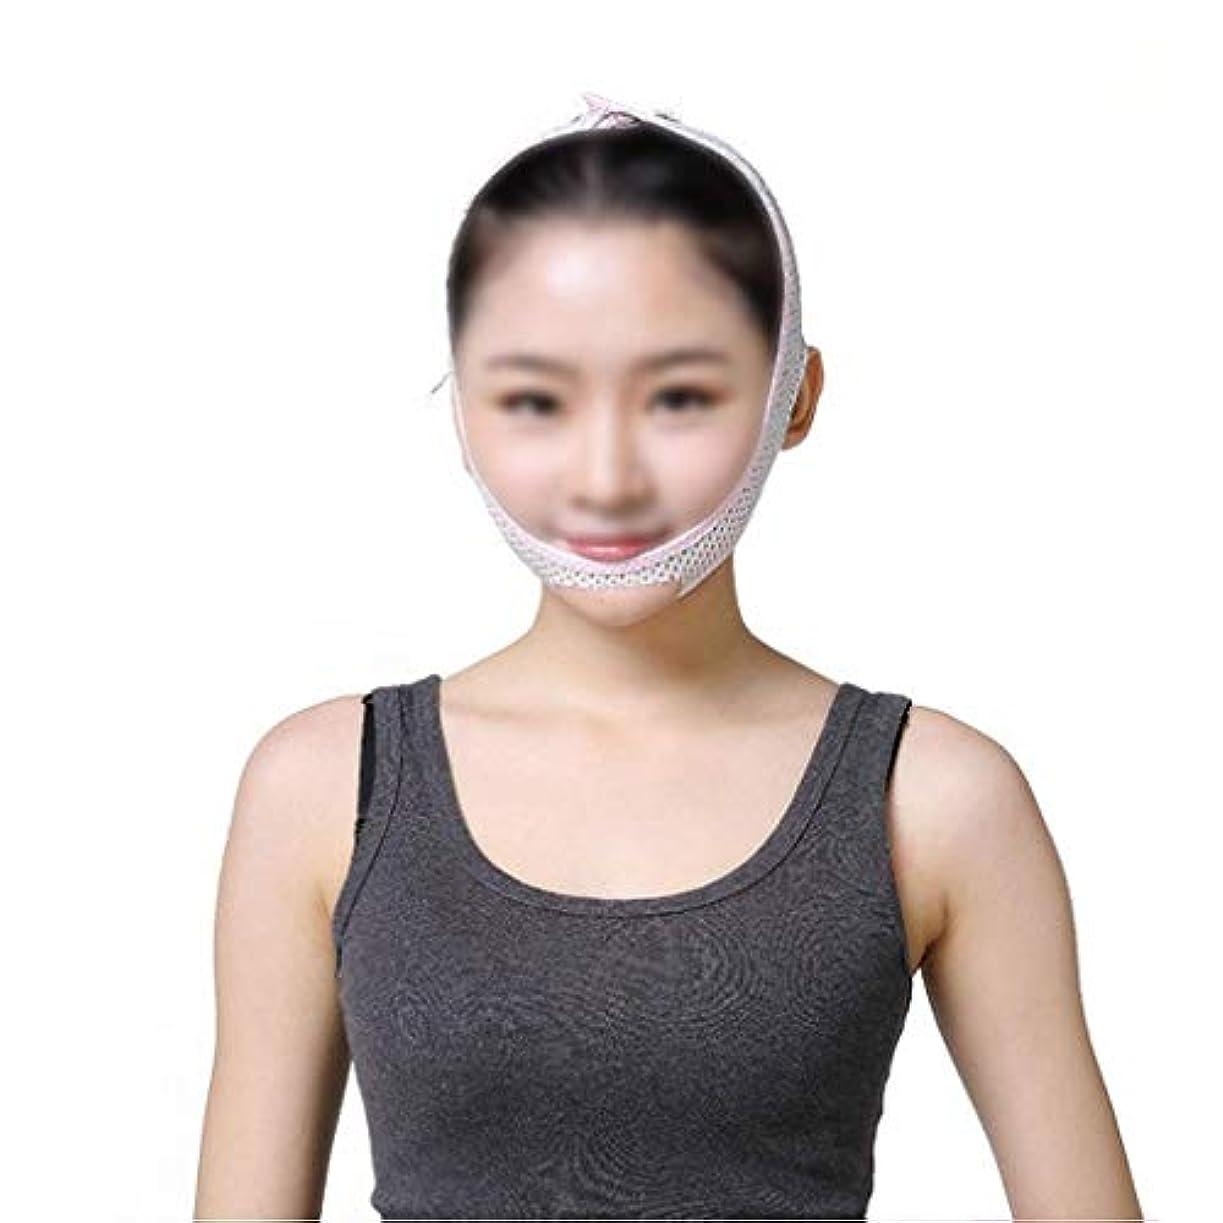 やさしいにやにや暖かくフェイスリフティングマスク、快適で リフティングスキンファーミングスリープシンフェイスアーティファクトアンチリンクル/リムーブダブルチン/術後回復マスク(サイズ:M)